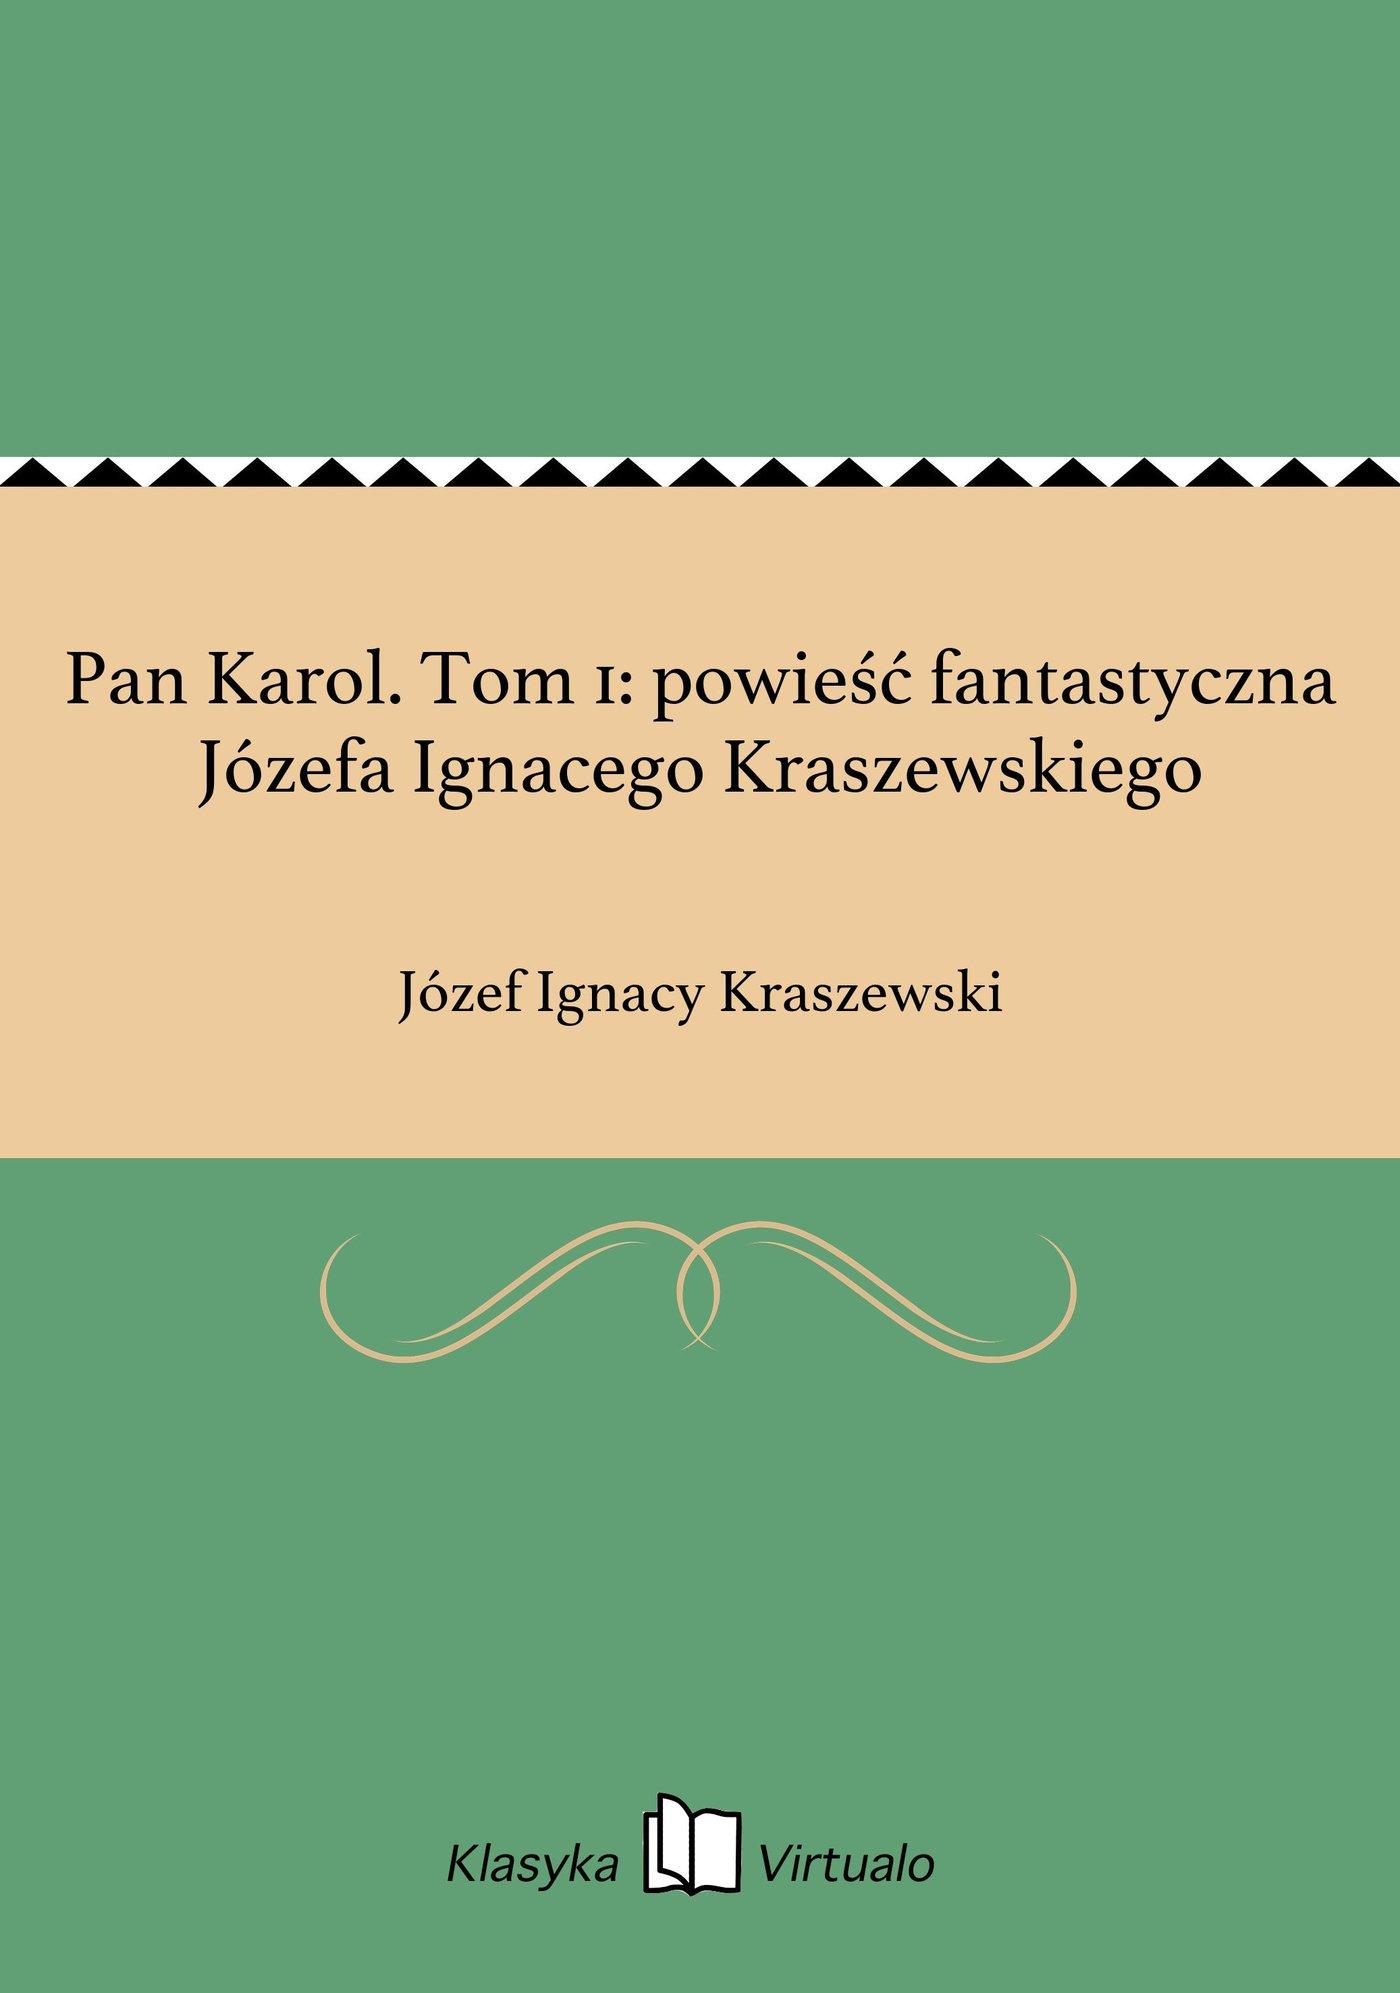 Pan Karol. Tom 1: powieść fantastyczna Józefa Ignacego Kraszewskiego - Ebook (Książka EPUB) do pobrania w formacie EPUB